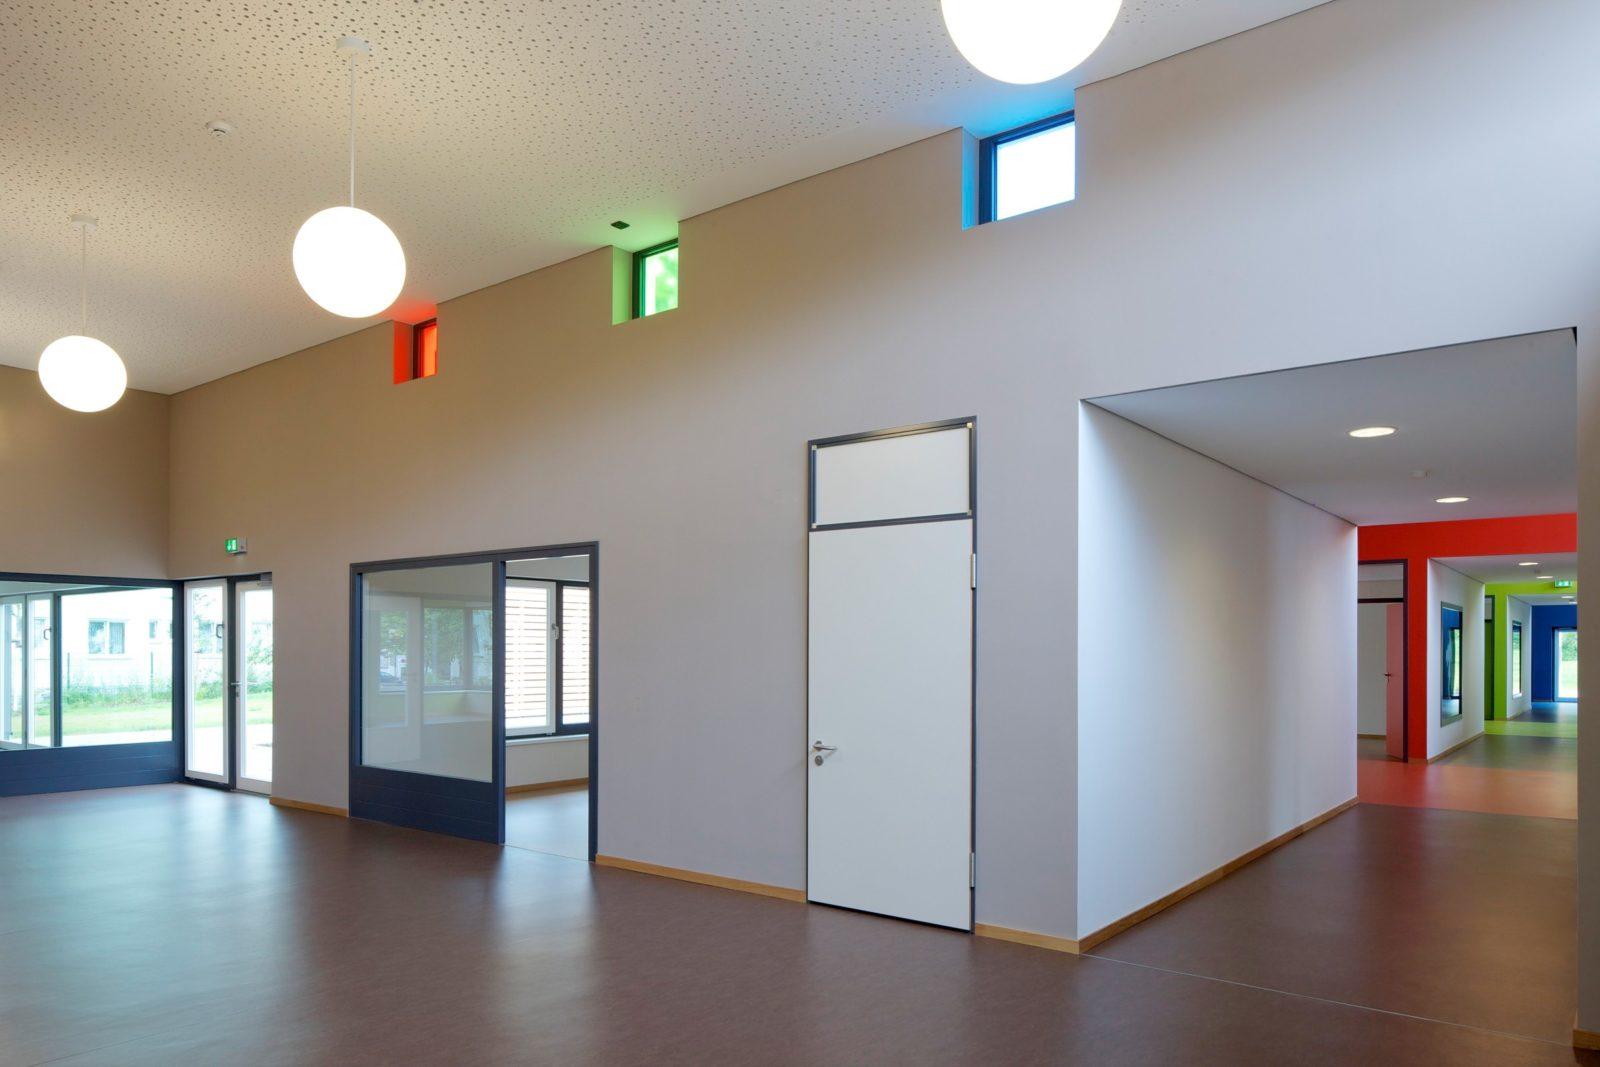 Kita Mosenthinstraße Spielhof Foyer